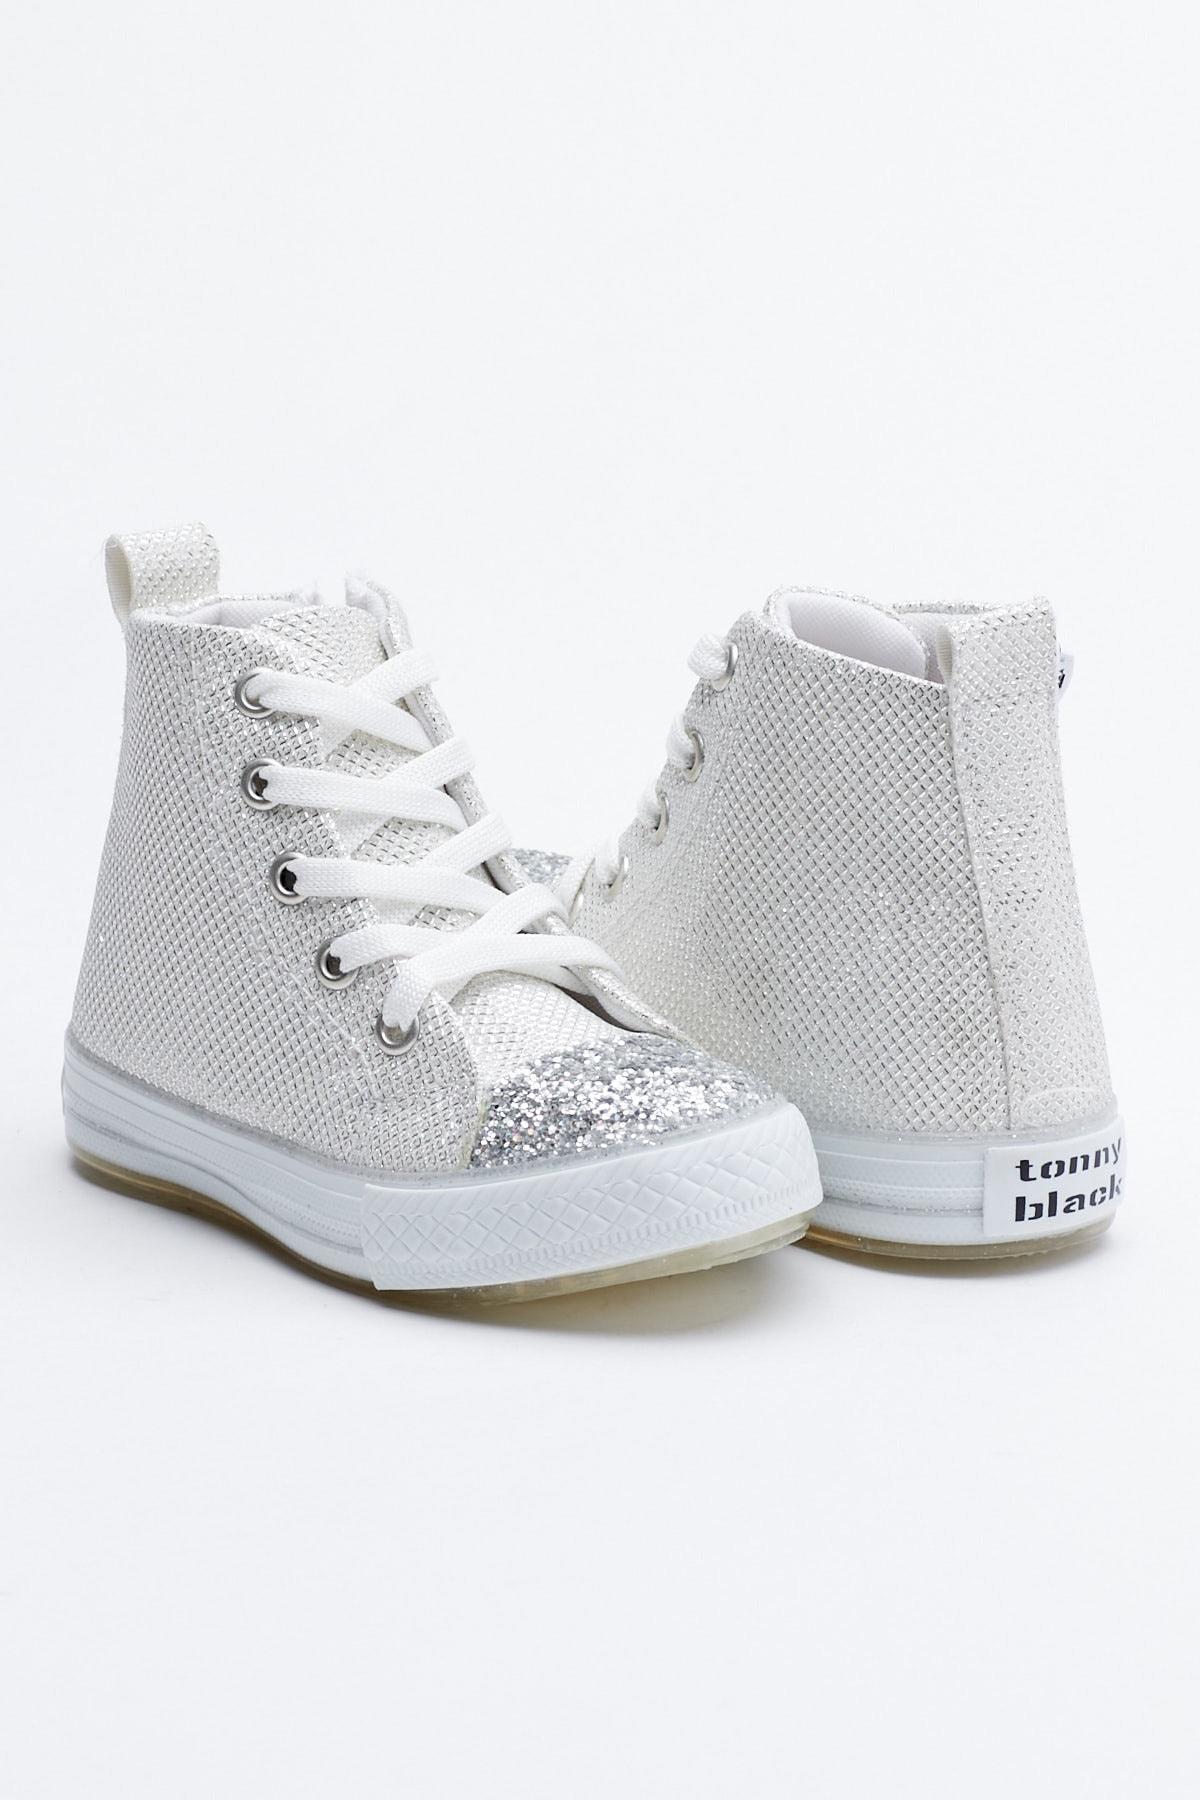 Tonny Black Buz Çocuk Spor Ayakkabı Uzun Tb999 1